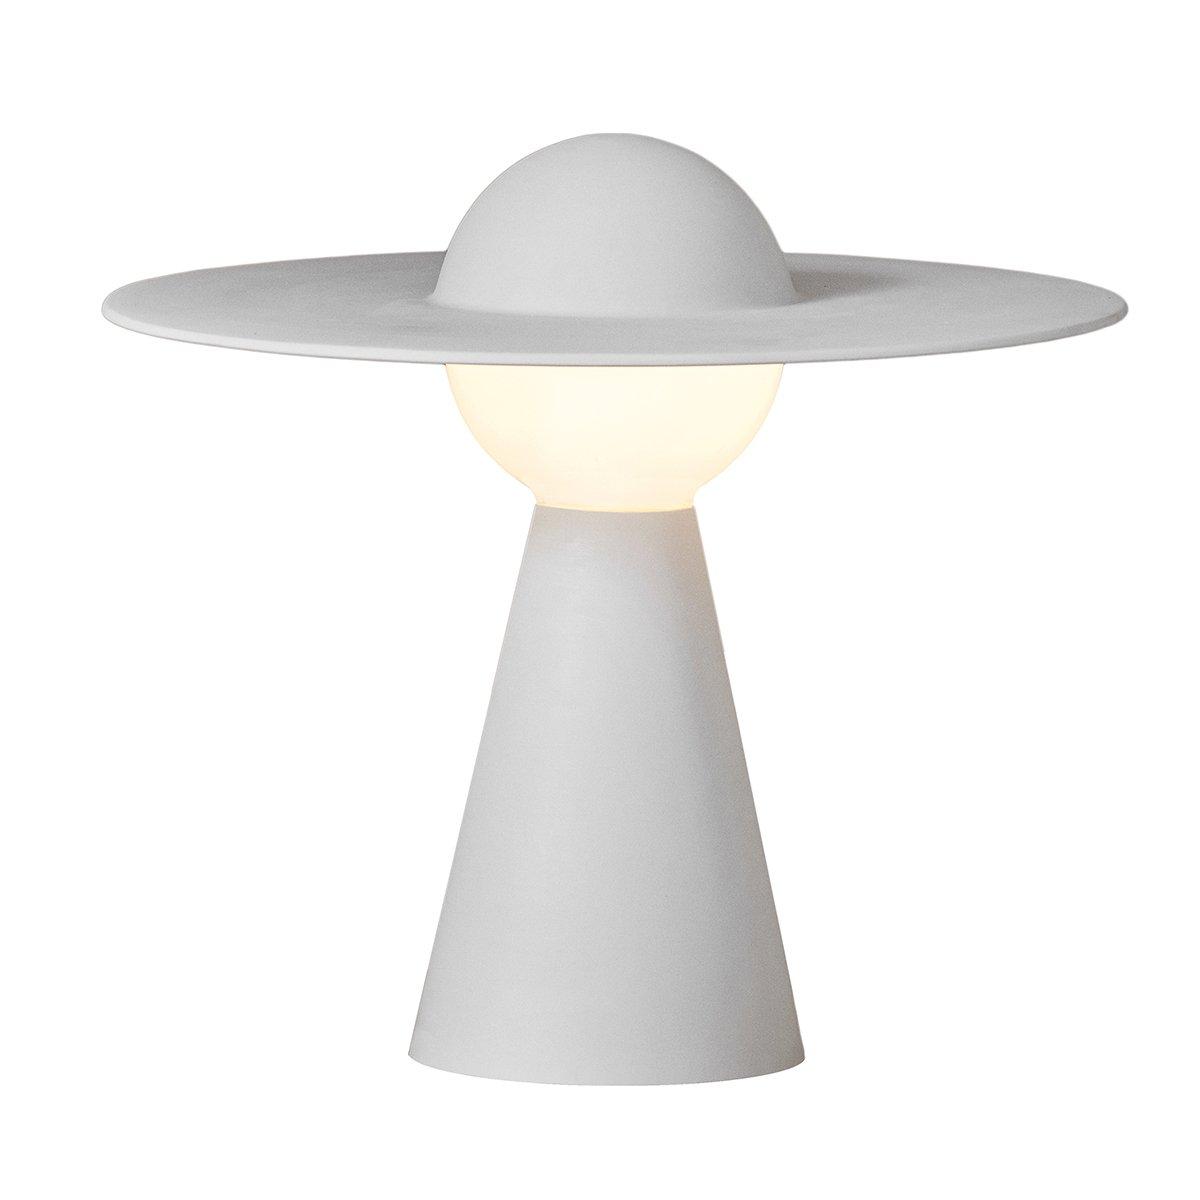 MOEBE Porseleinen Tafellamp